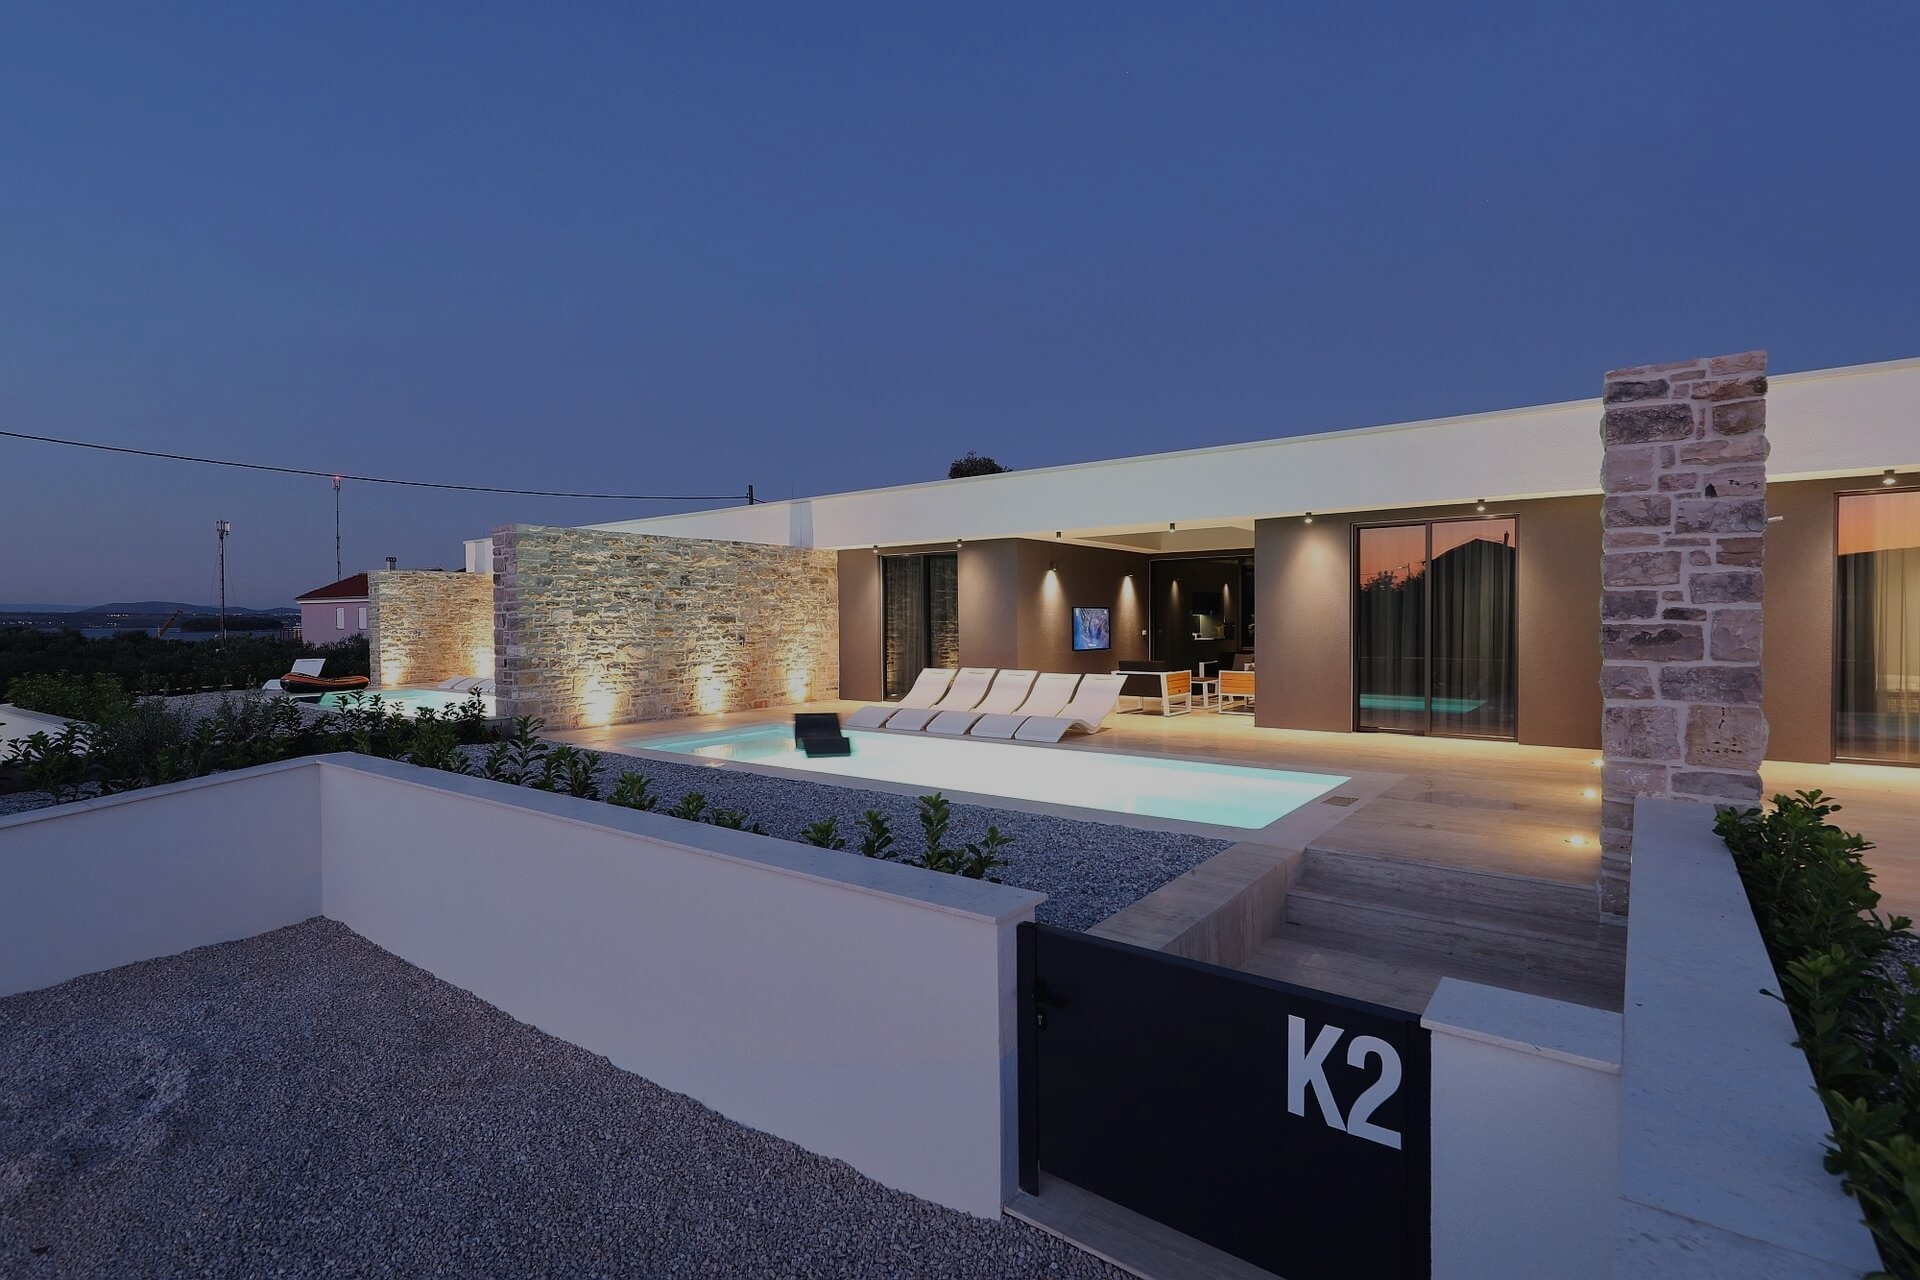 k2 villa pasman